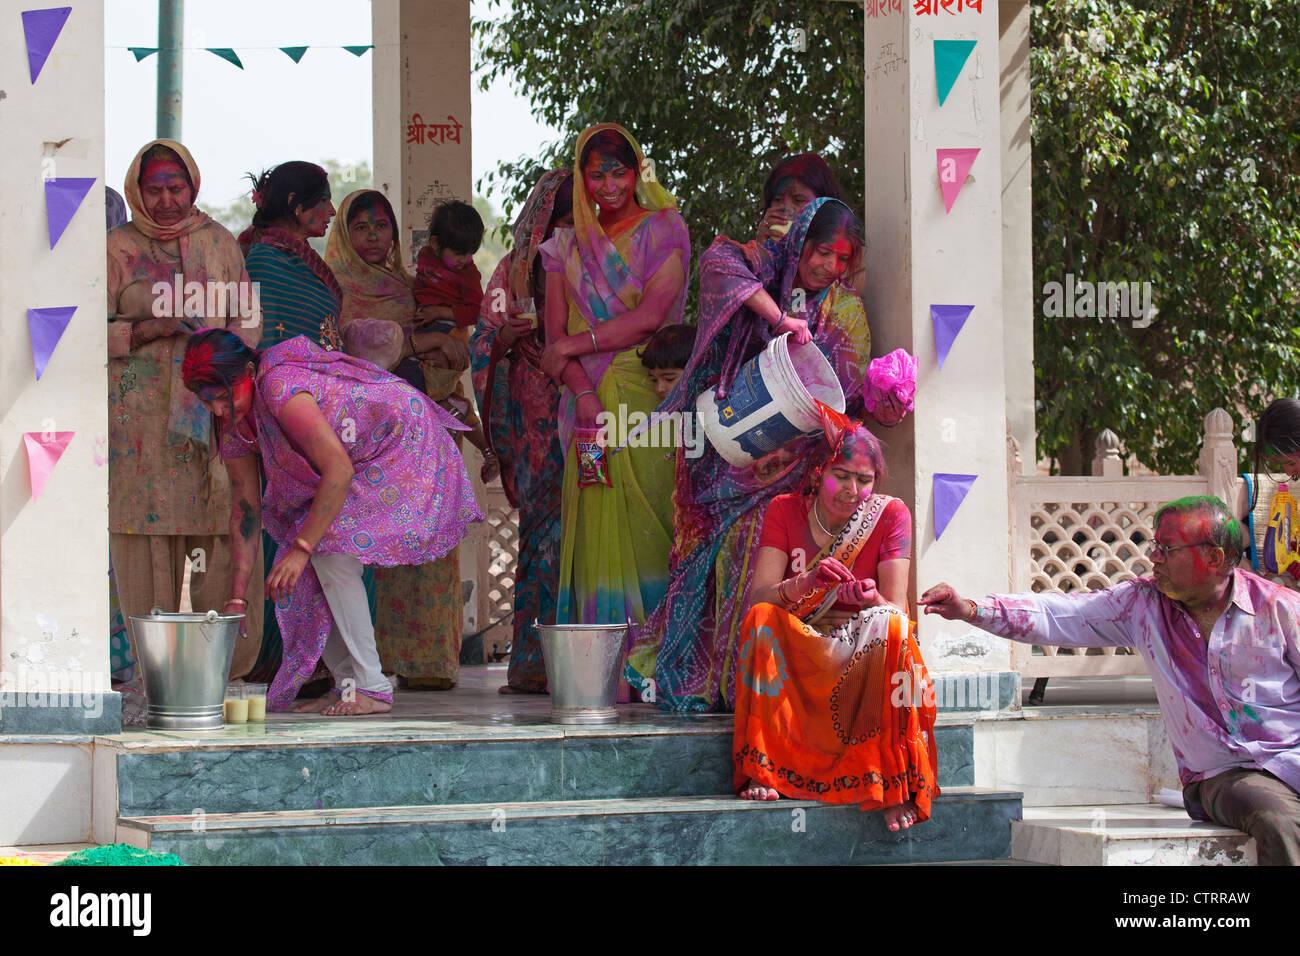 Frauen bedeckt in bunten Farbstoff feiern Holi Festival, Festival of Colours in Mathura, Uttar Pradesh, Indien Stockbild